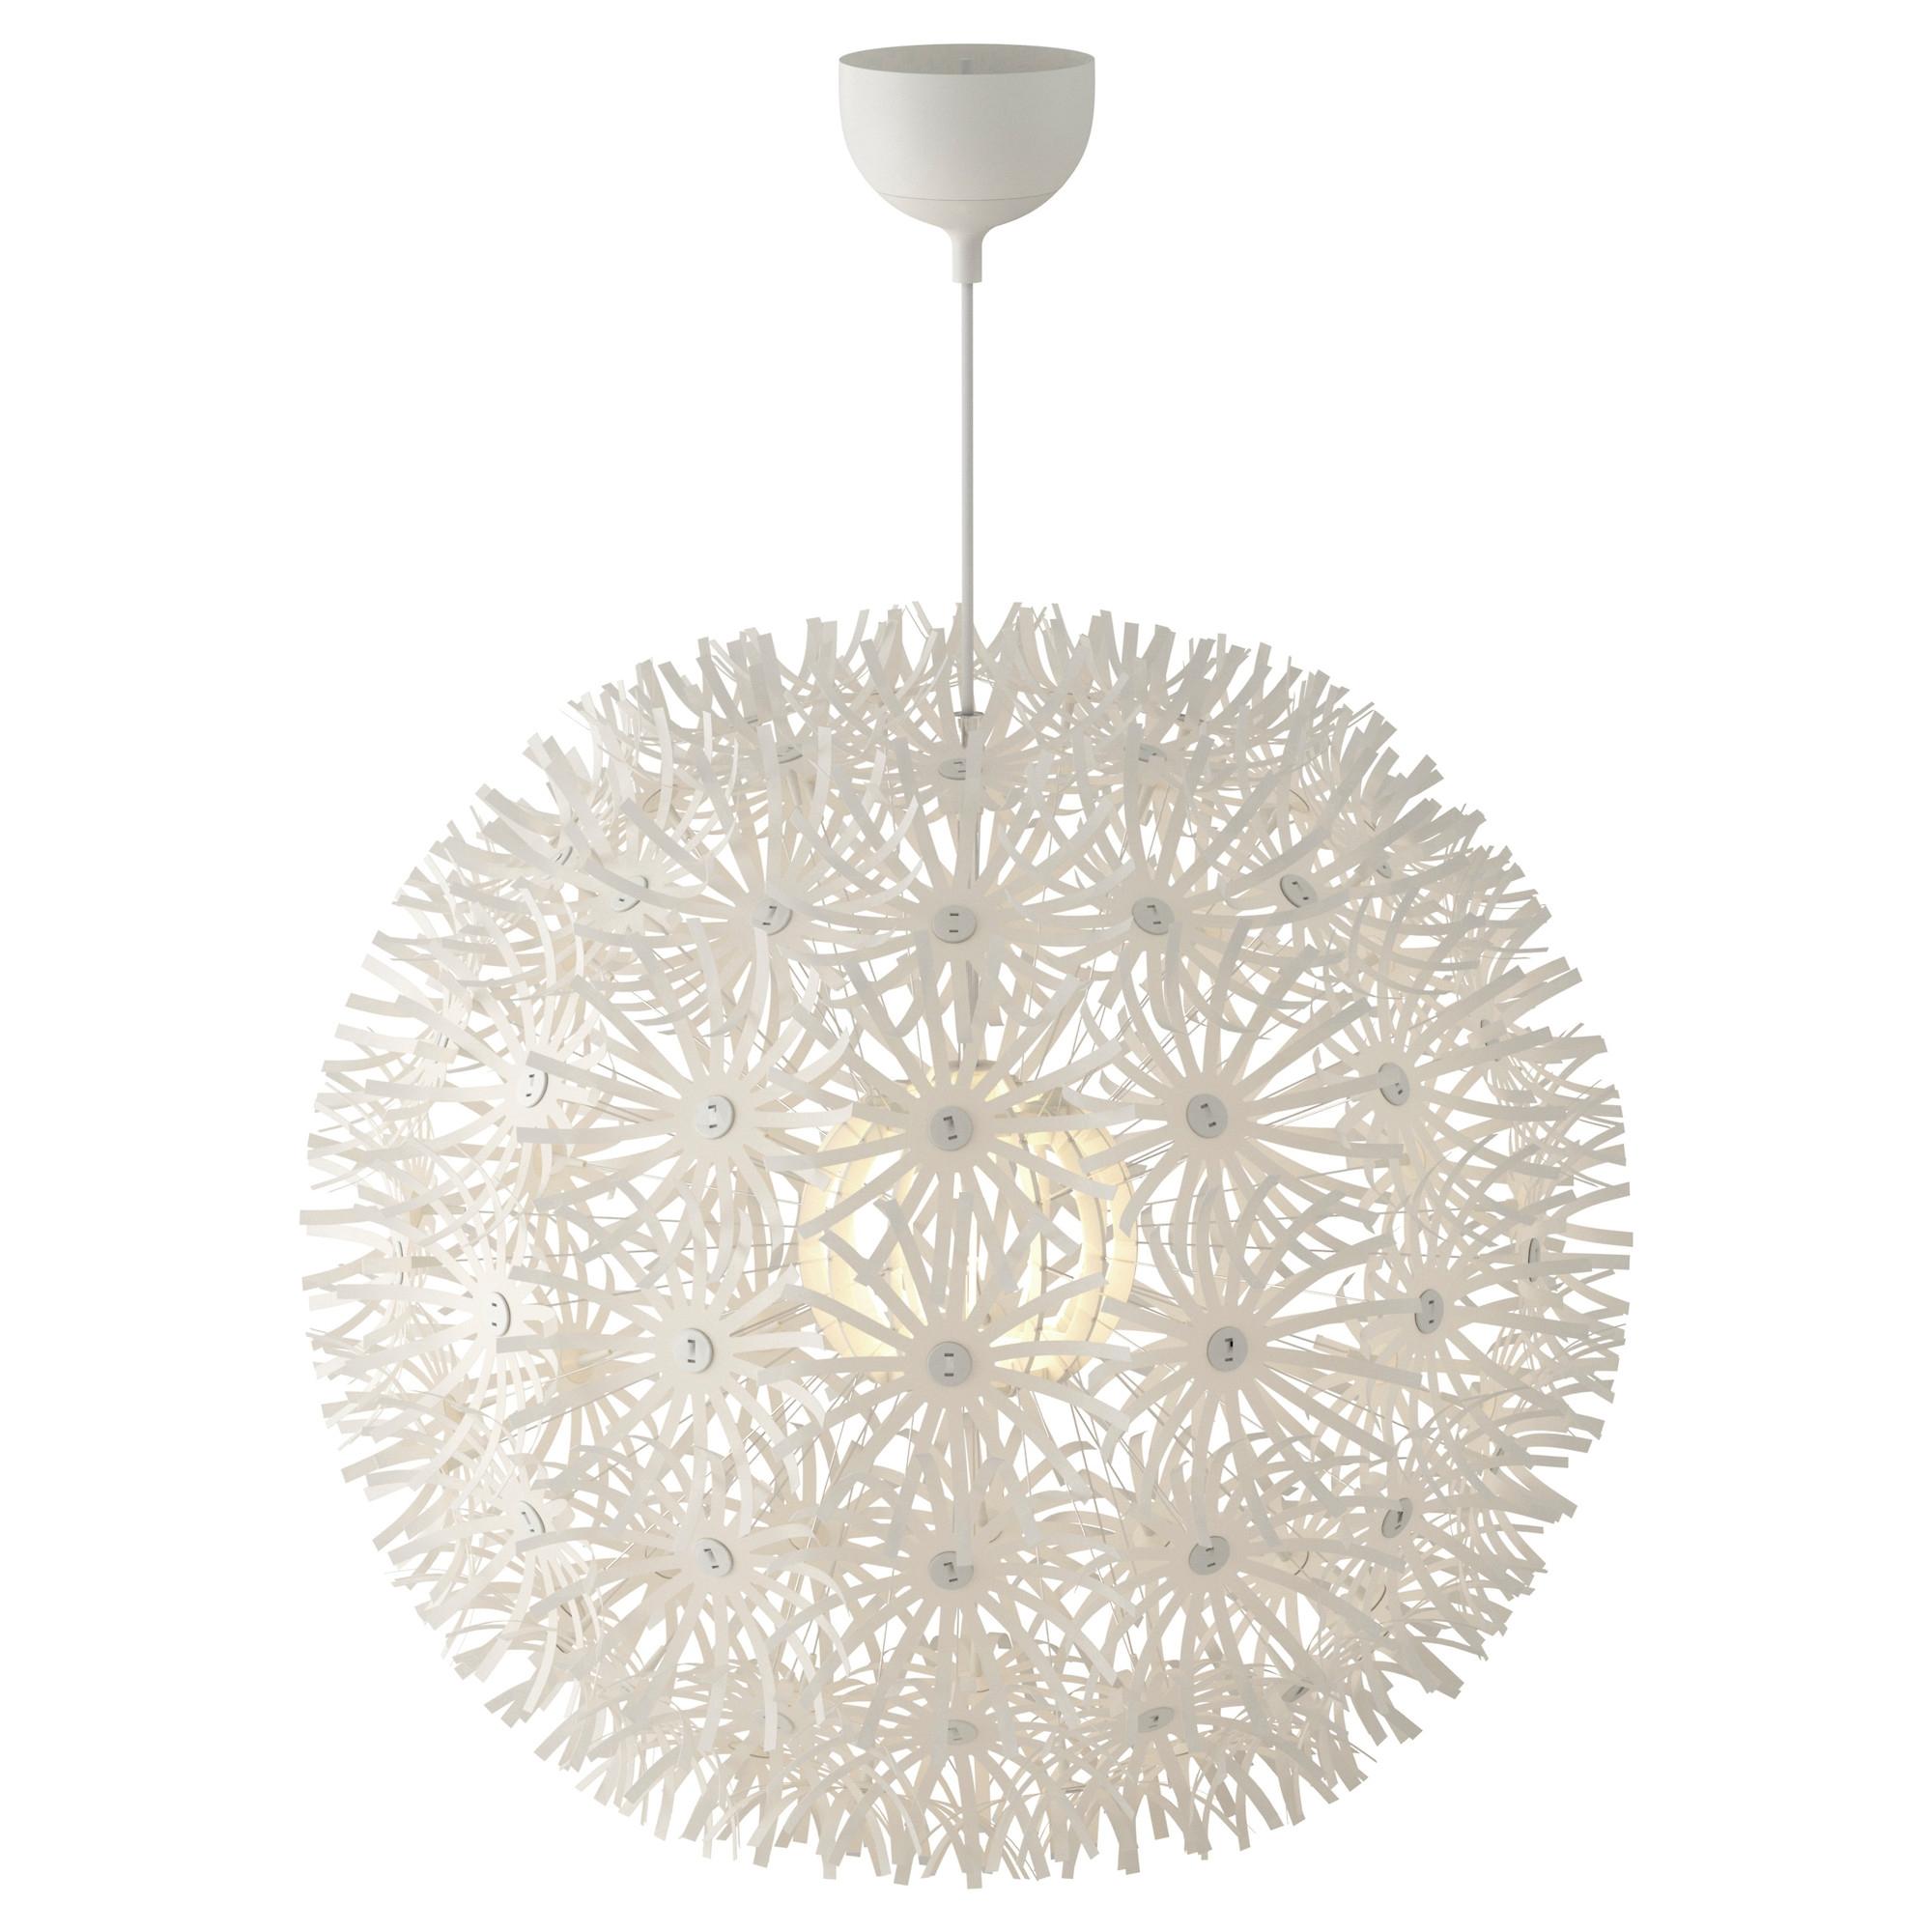 Ikea ibiza iluminacion